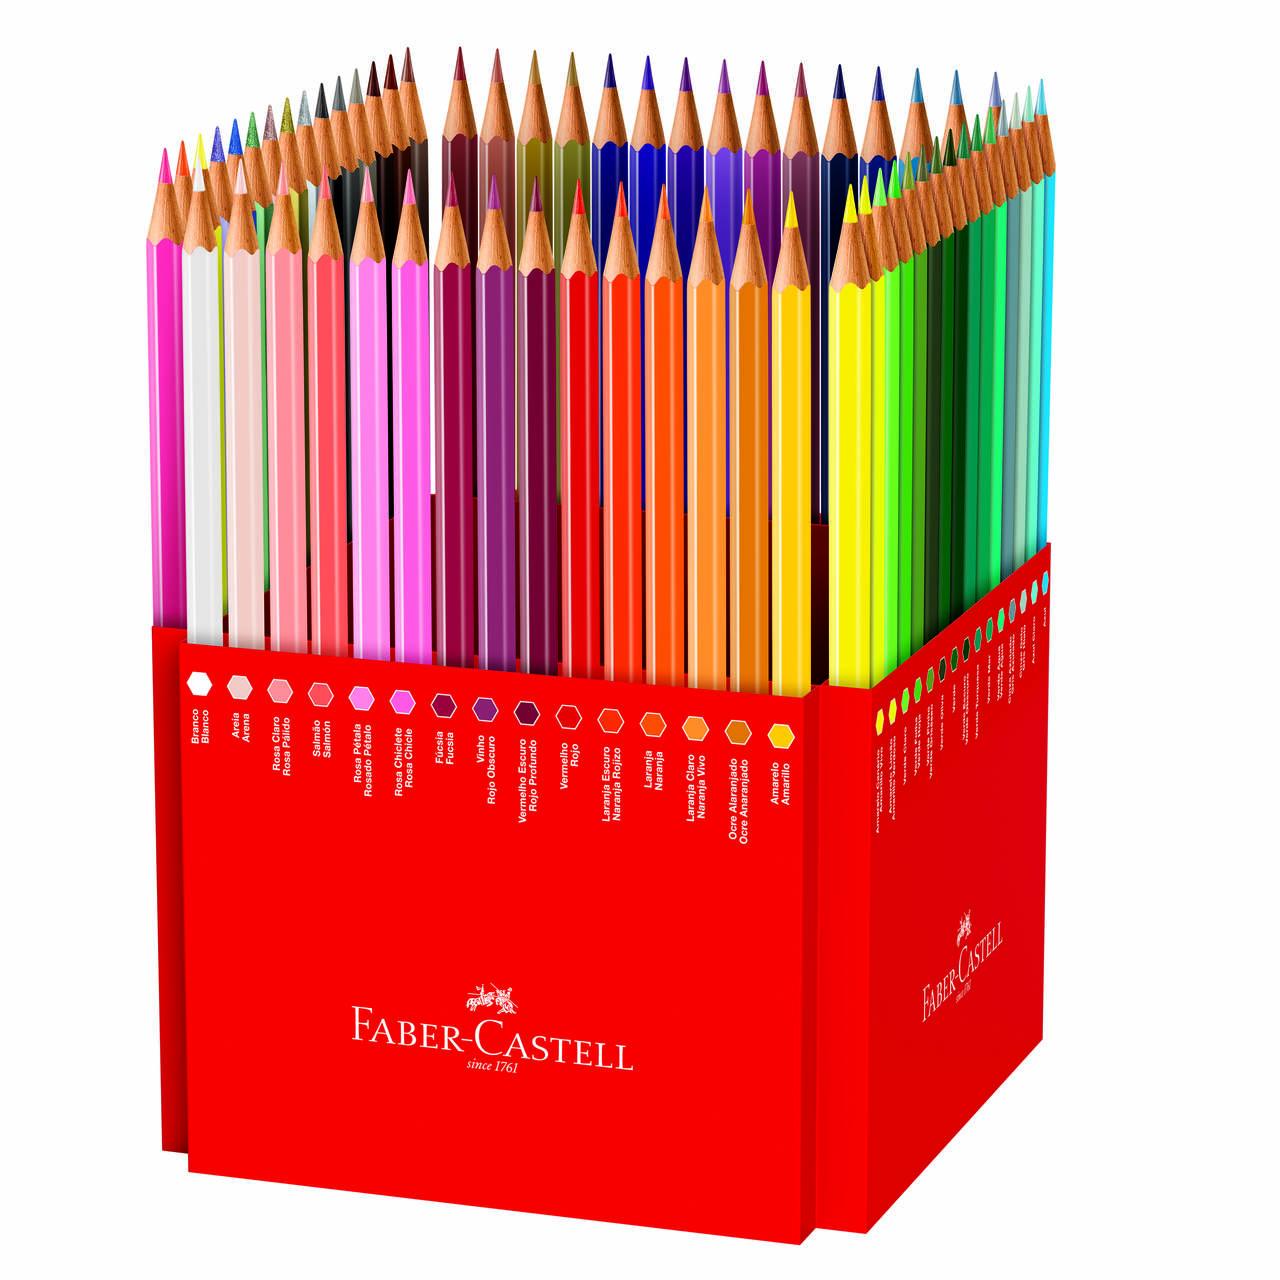 Lápis de cor 60 cores Faber-Castell